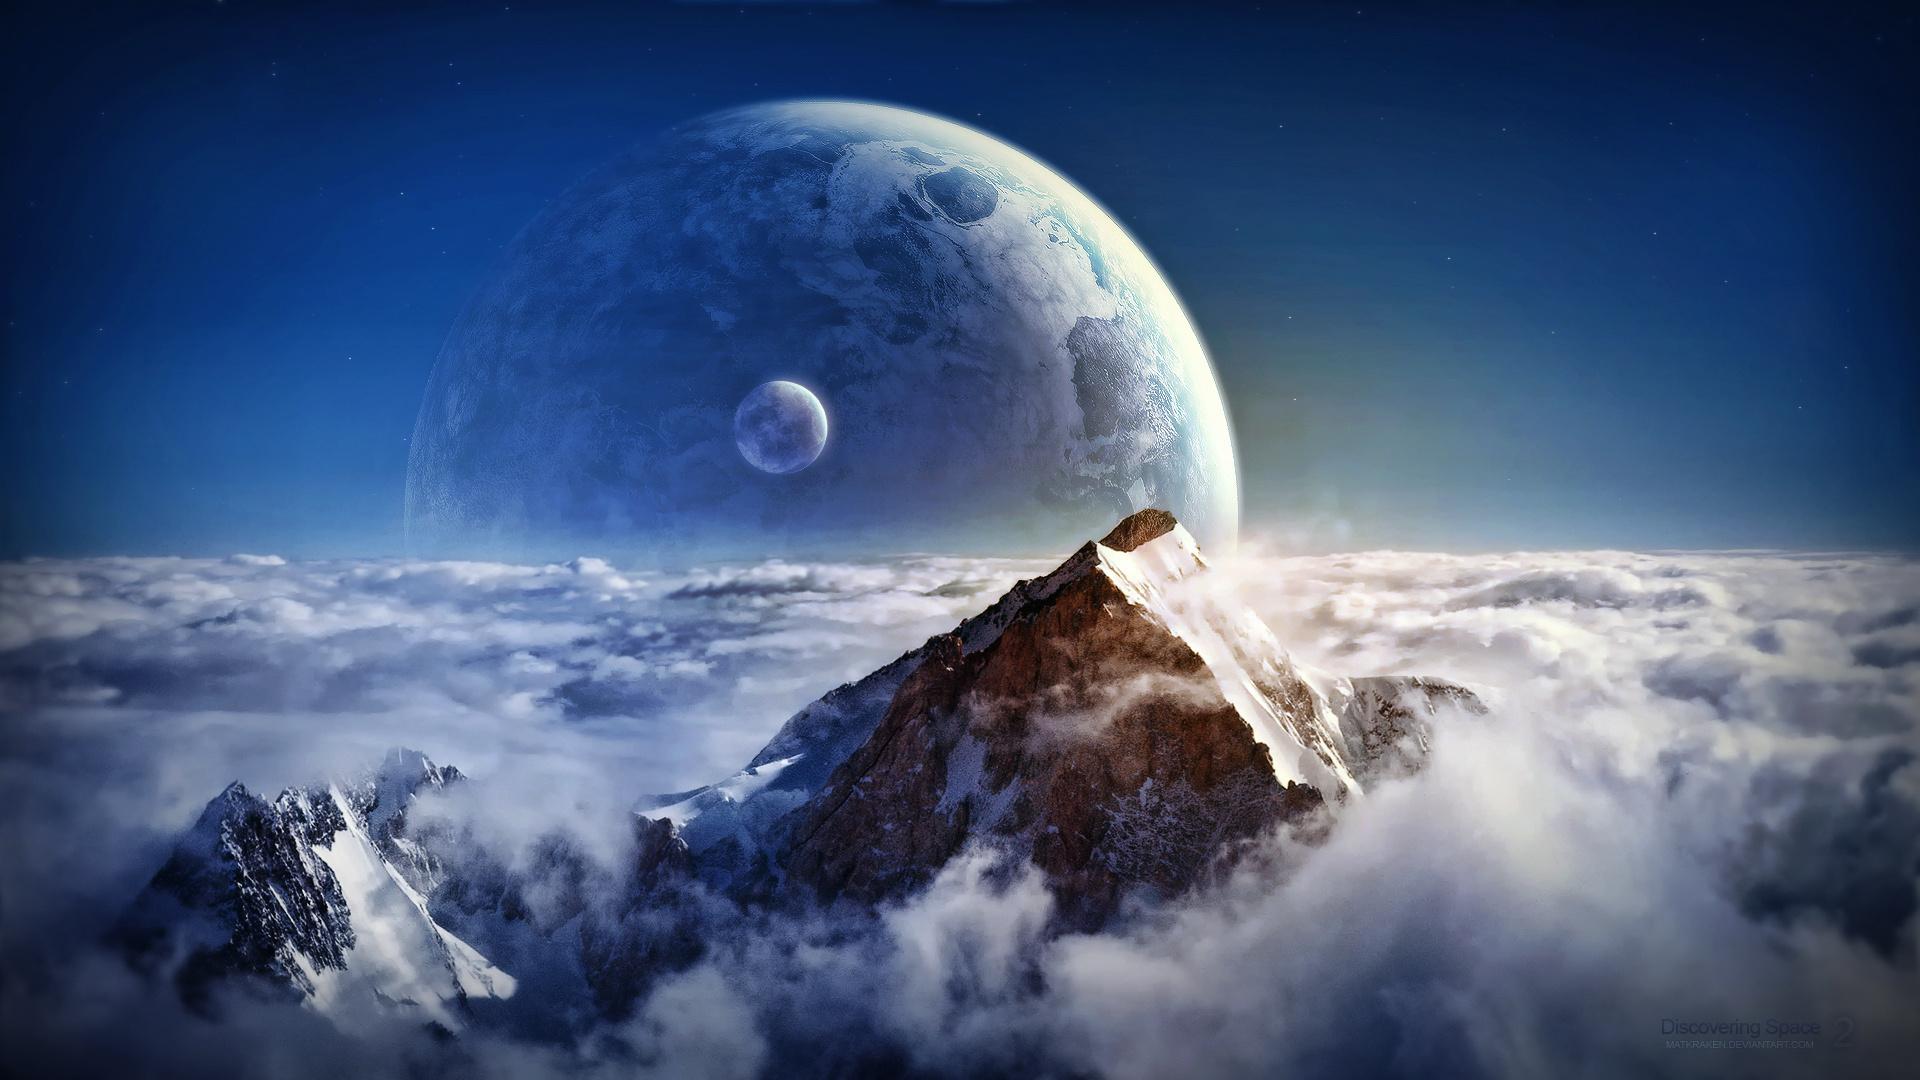 Обои планета вселенная картинки на рабочий стол на тему Космос - скачать бесплатно